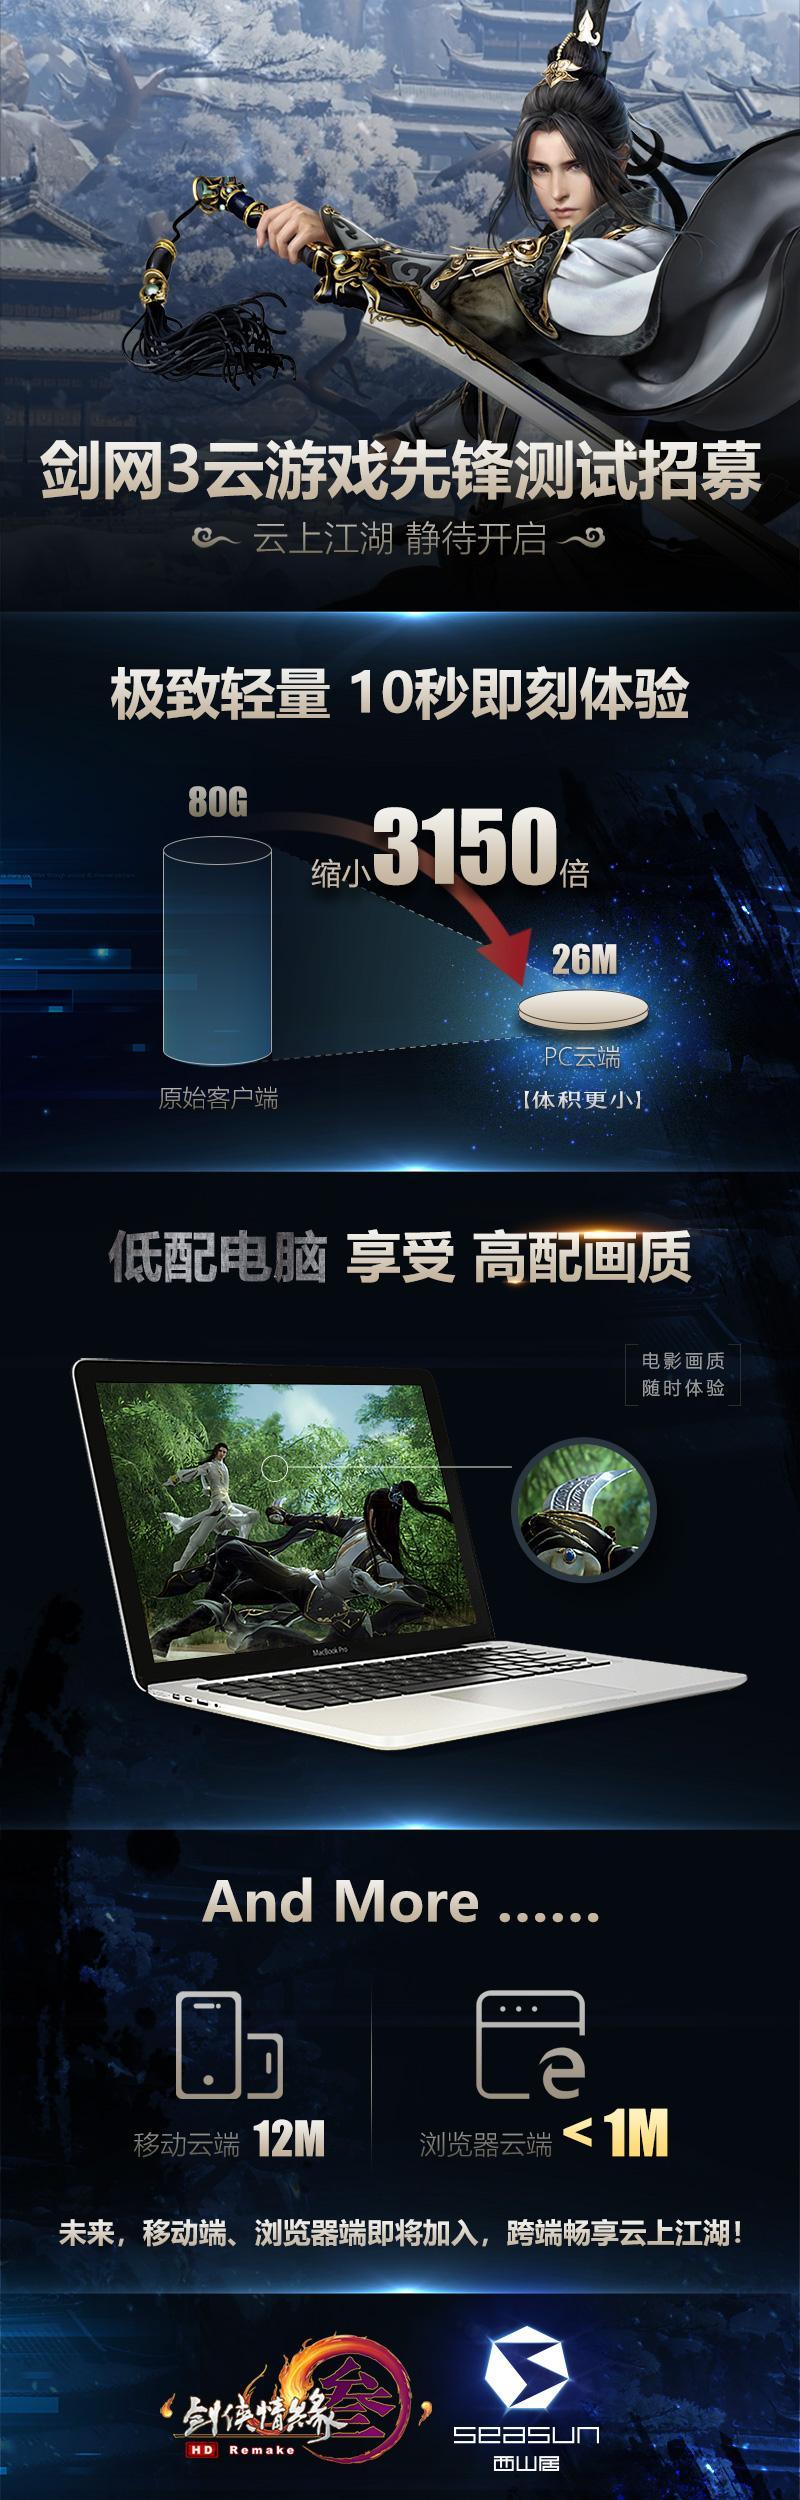 剑网3云游戏首次测试开放 移动端浏览器云游戏2020实现